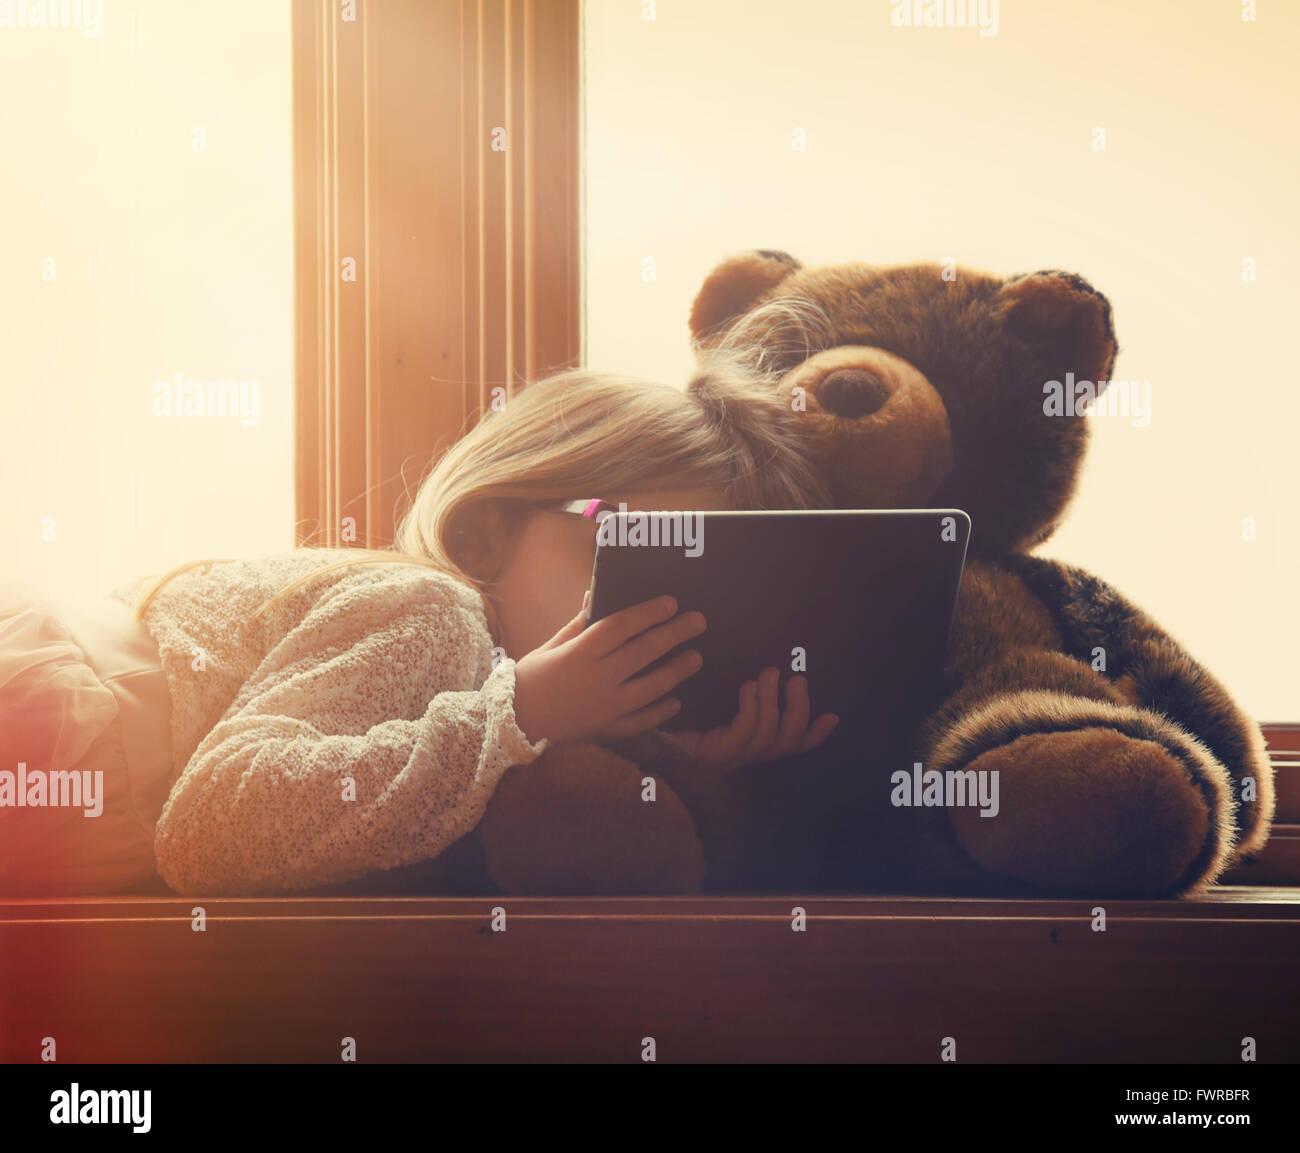 Una bambina è in possesso di una tecnologia tablet in una finestra piena di sole in casa con un orsacchiotto Immagini Stock